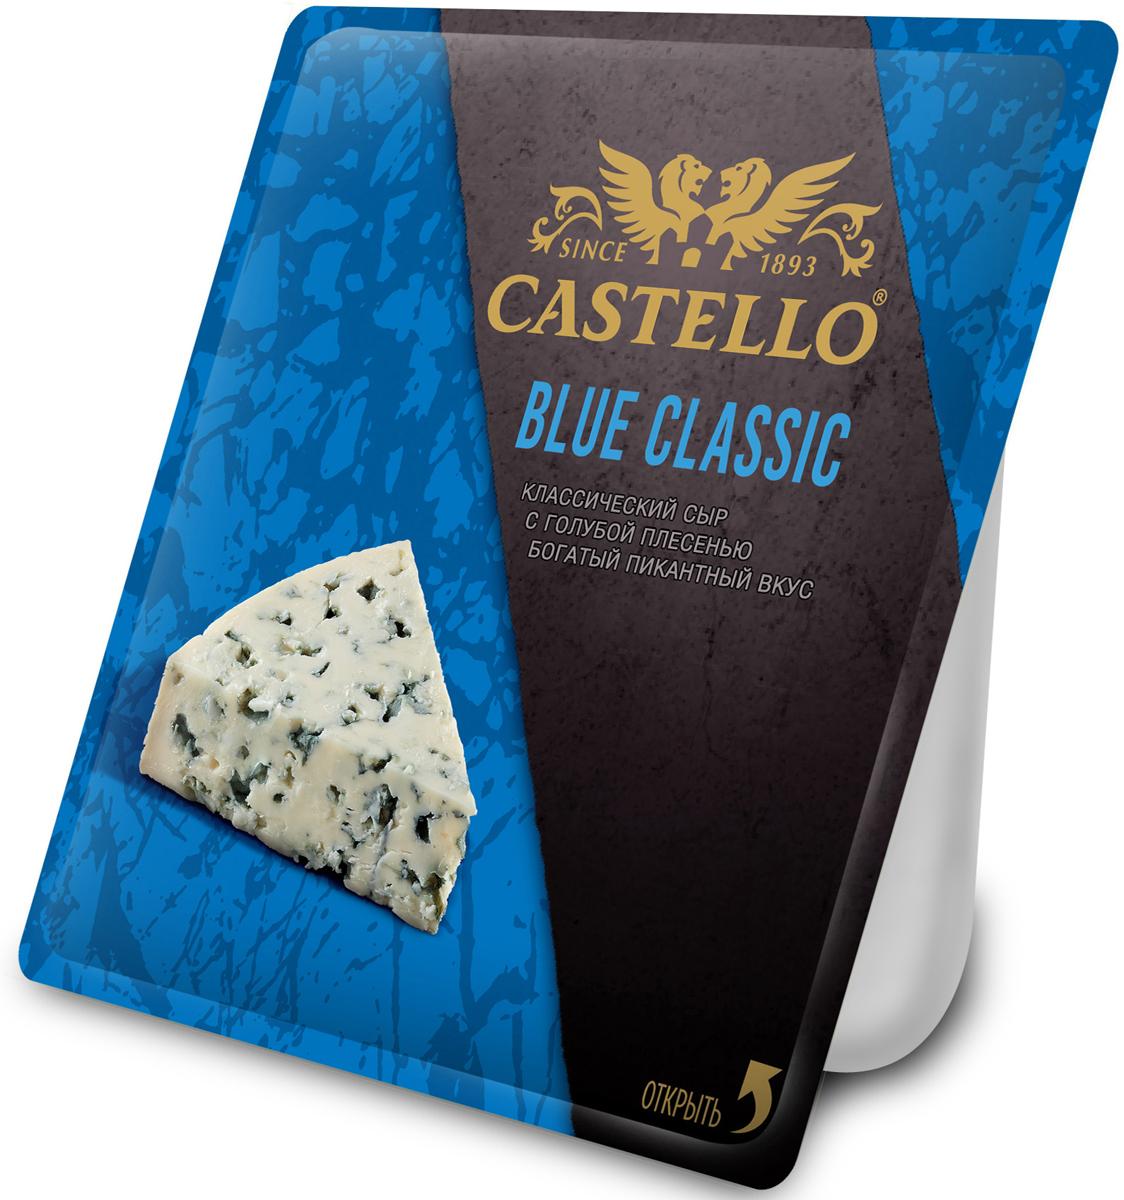 где купить Castello Blue Classic Сыр с голубой плесенью, 50%, 125 г по лучшей цене